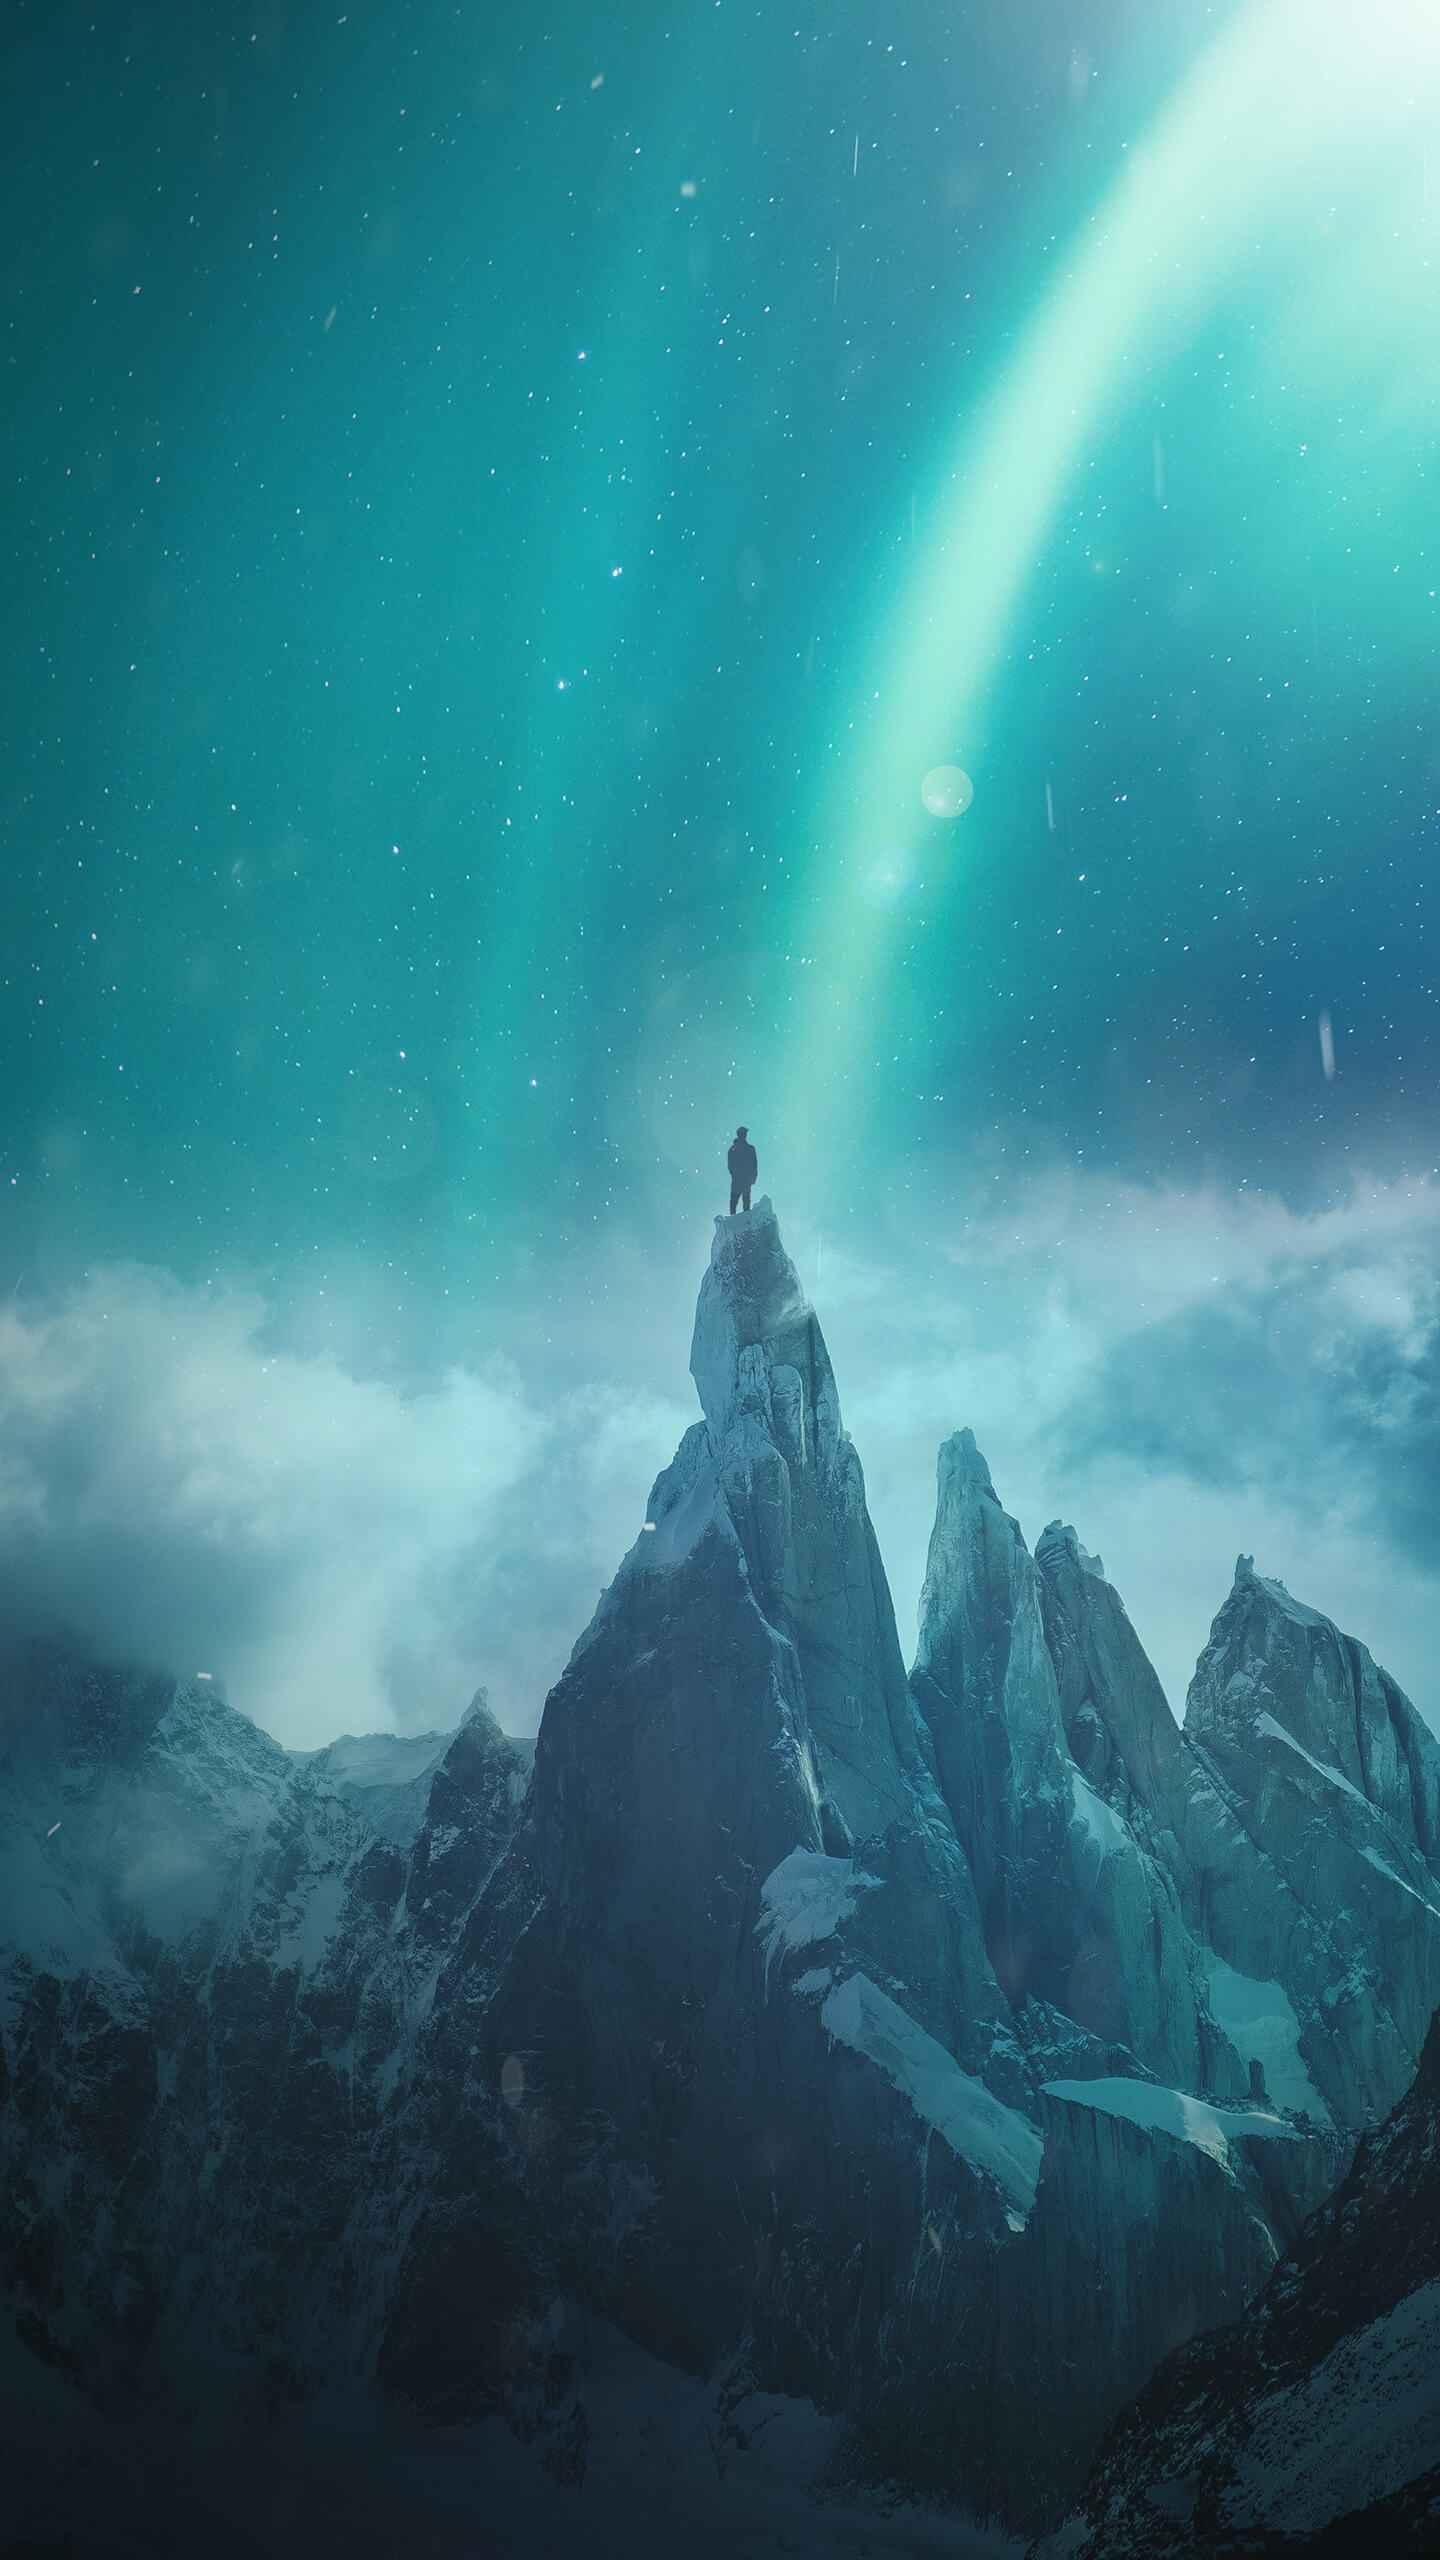 Mountain Summit iPhone Wallpaper